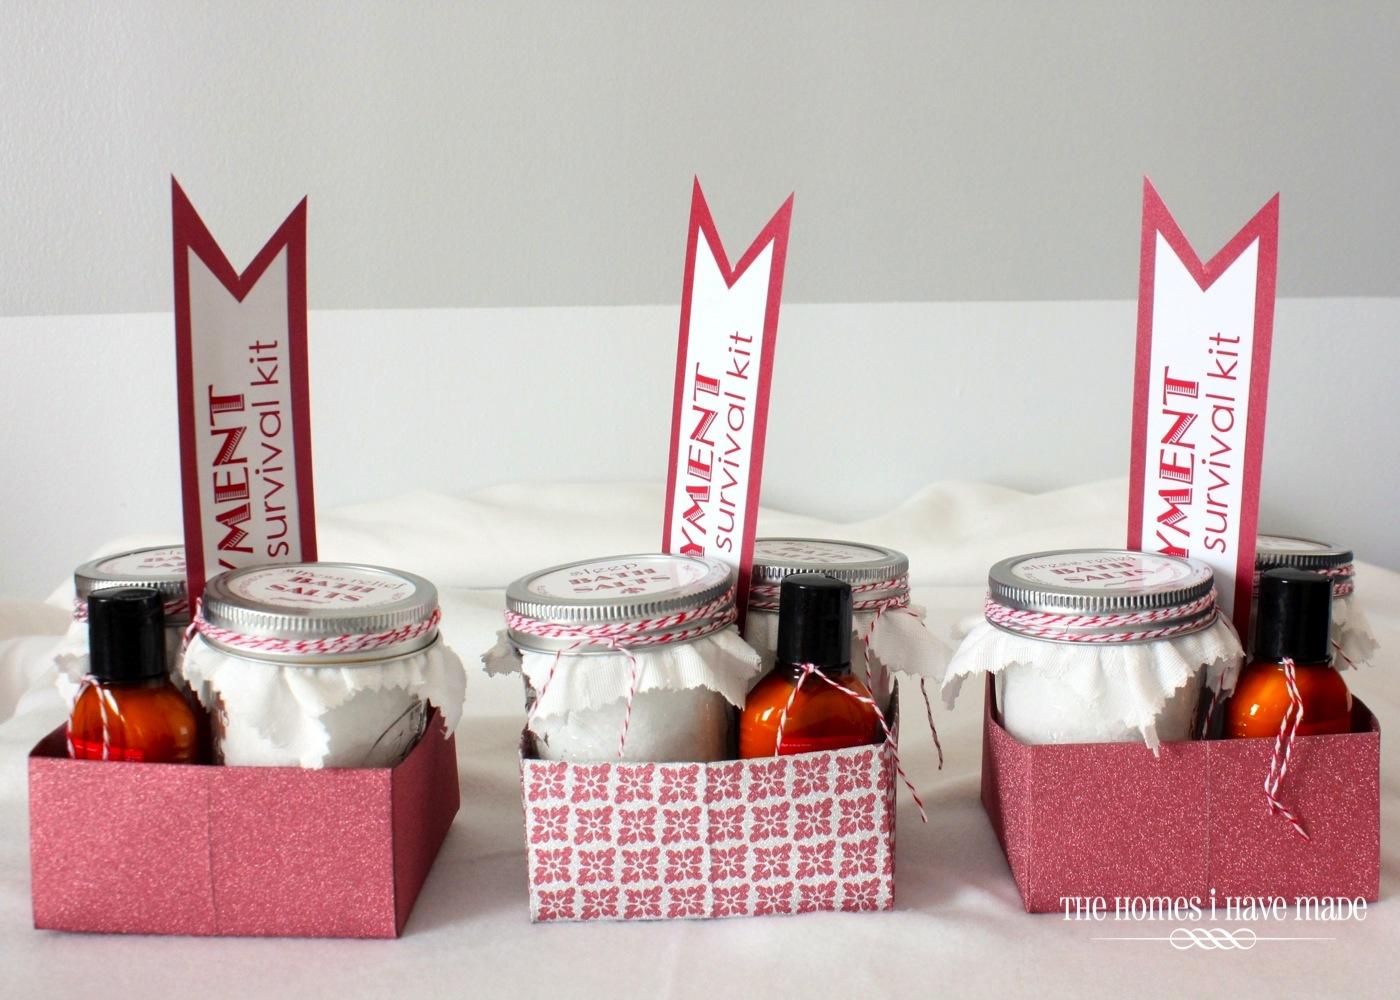 New job survival kit going away gift gift ideas pinterest new